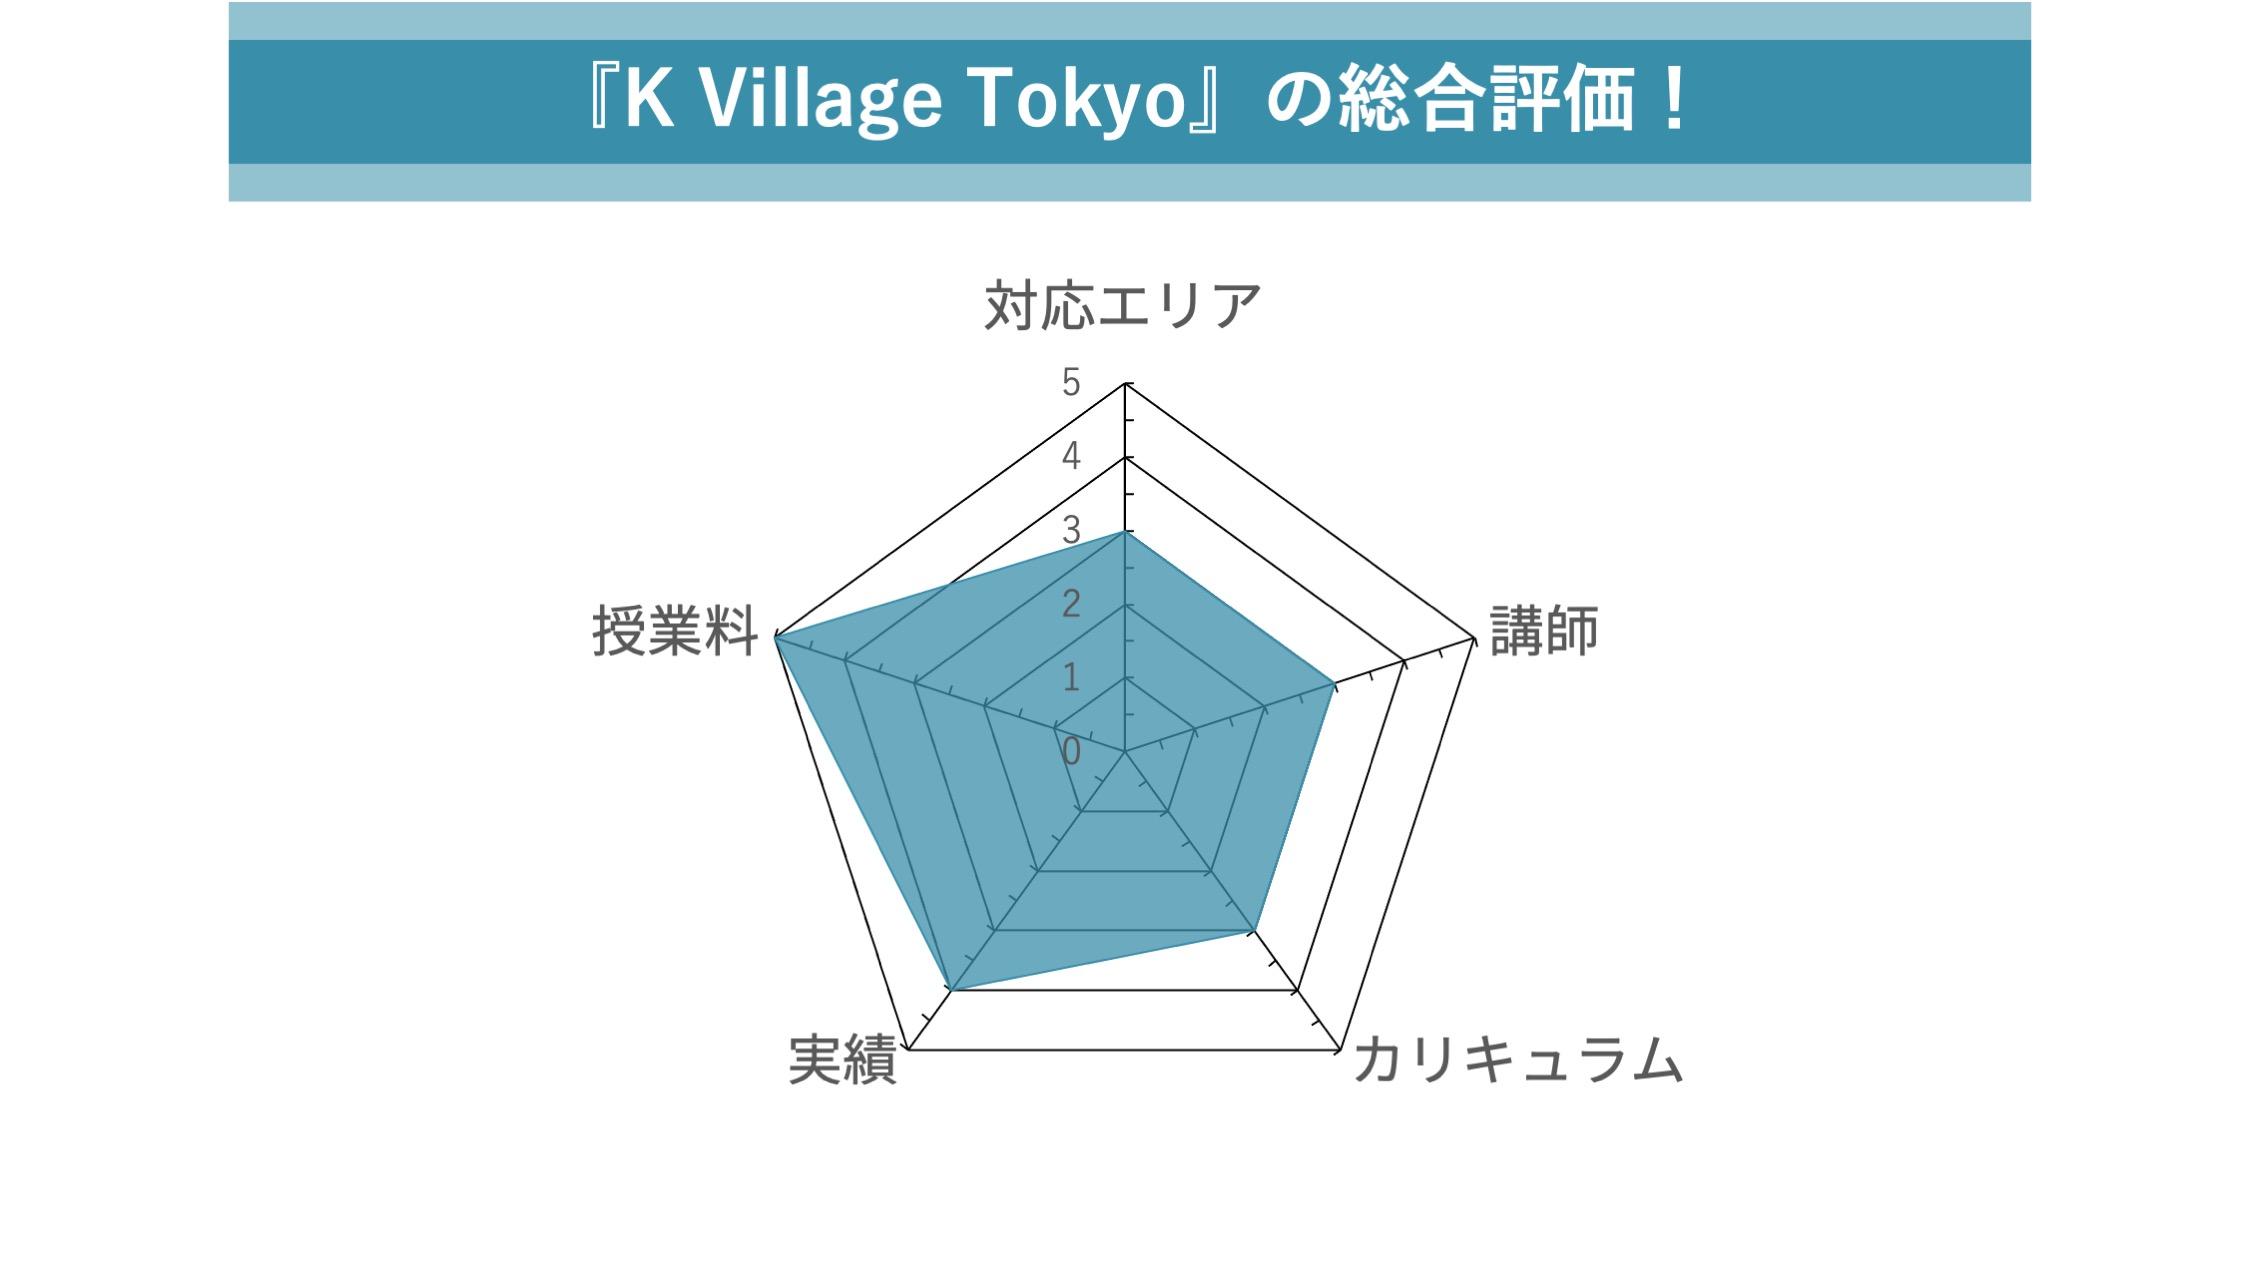 K Village Tokyoの総合評価